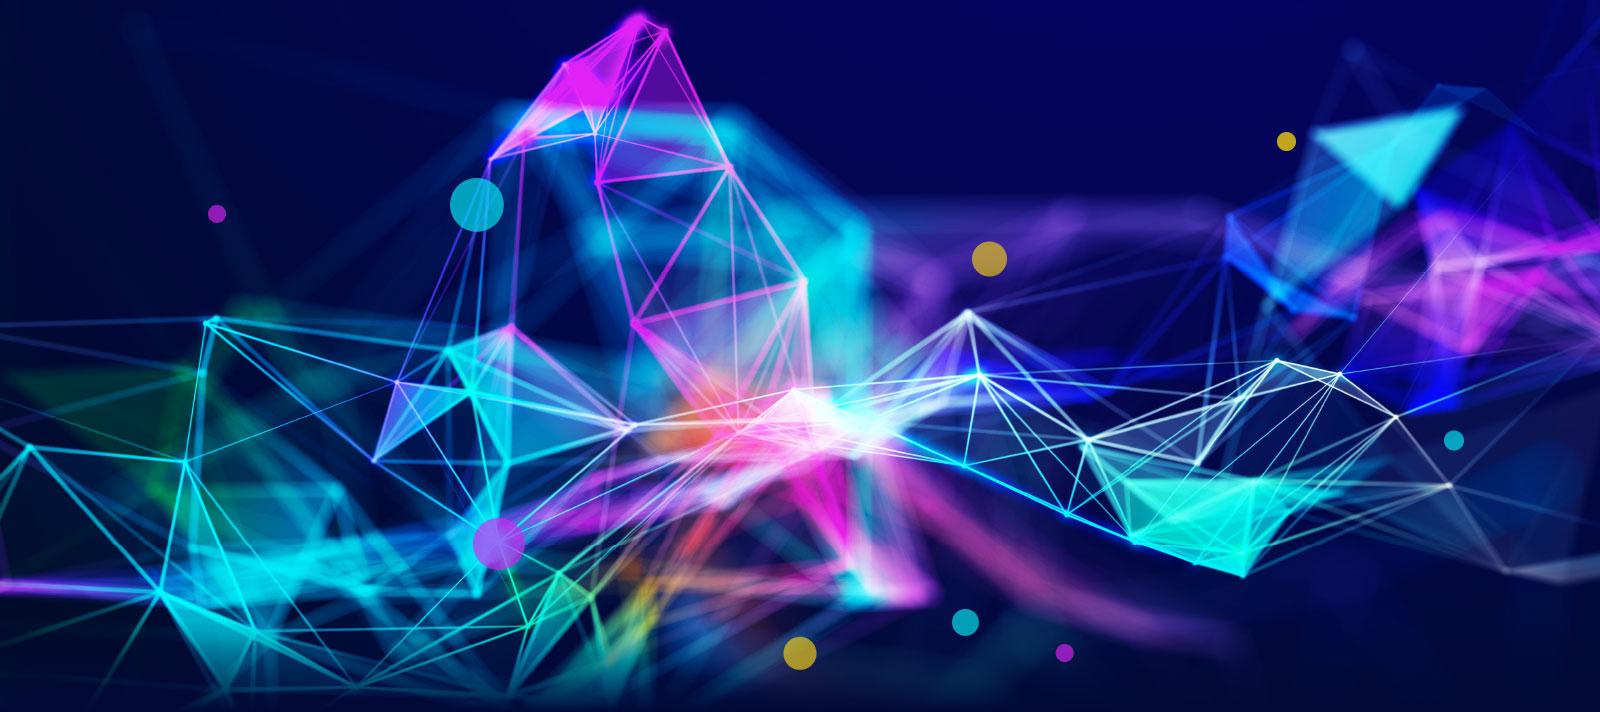 Agenzia di marketing e comunicazione web marketing e web design servizi - testata intro